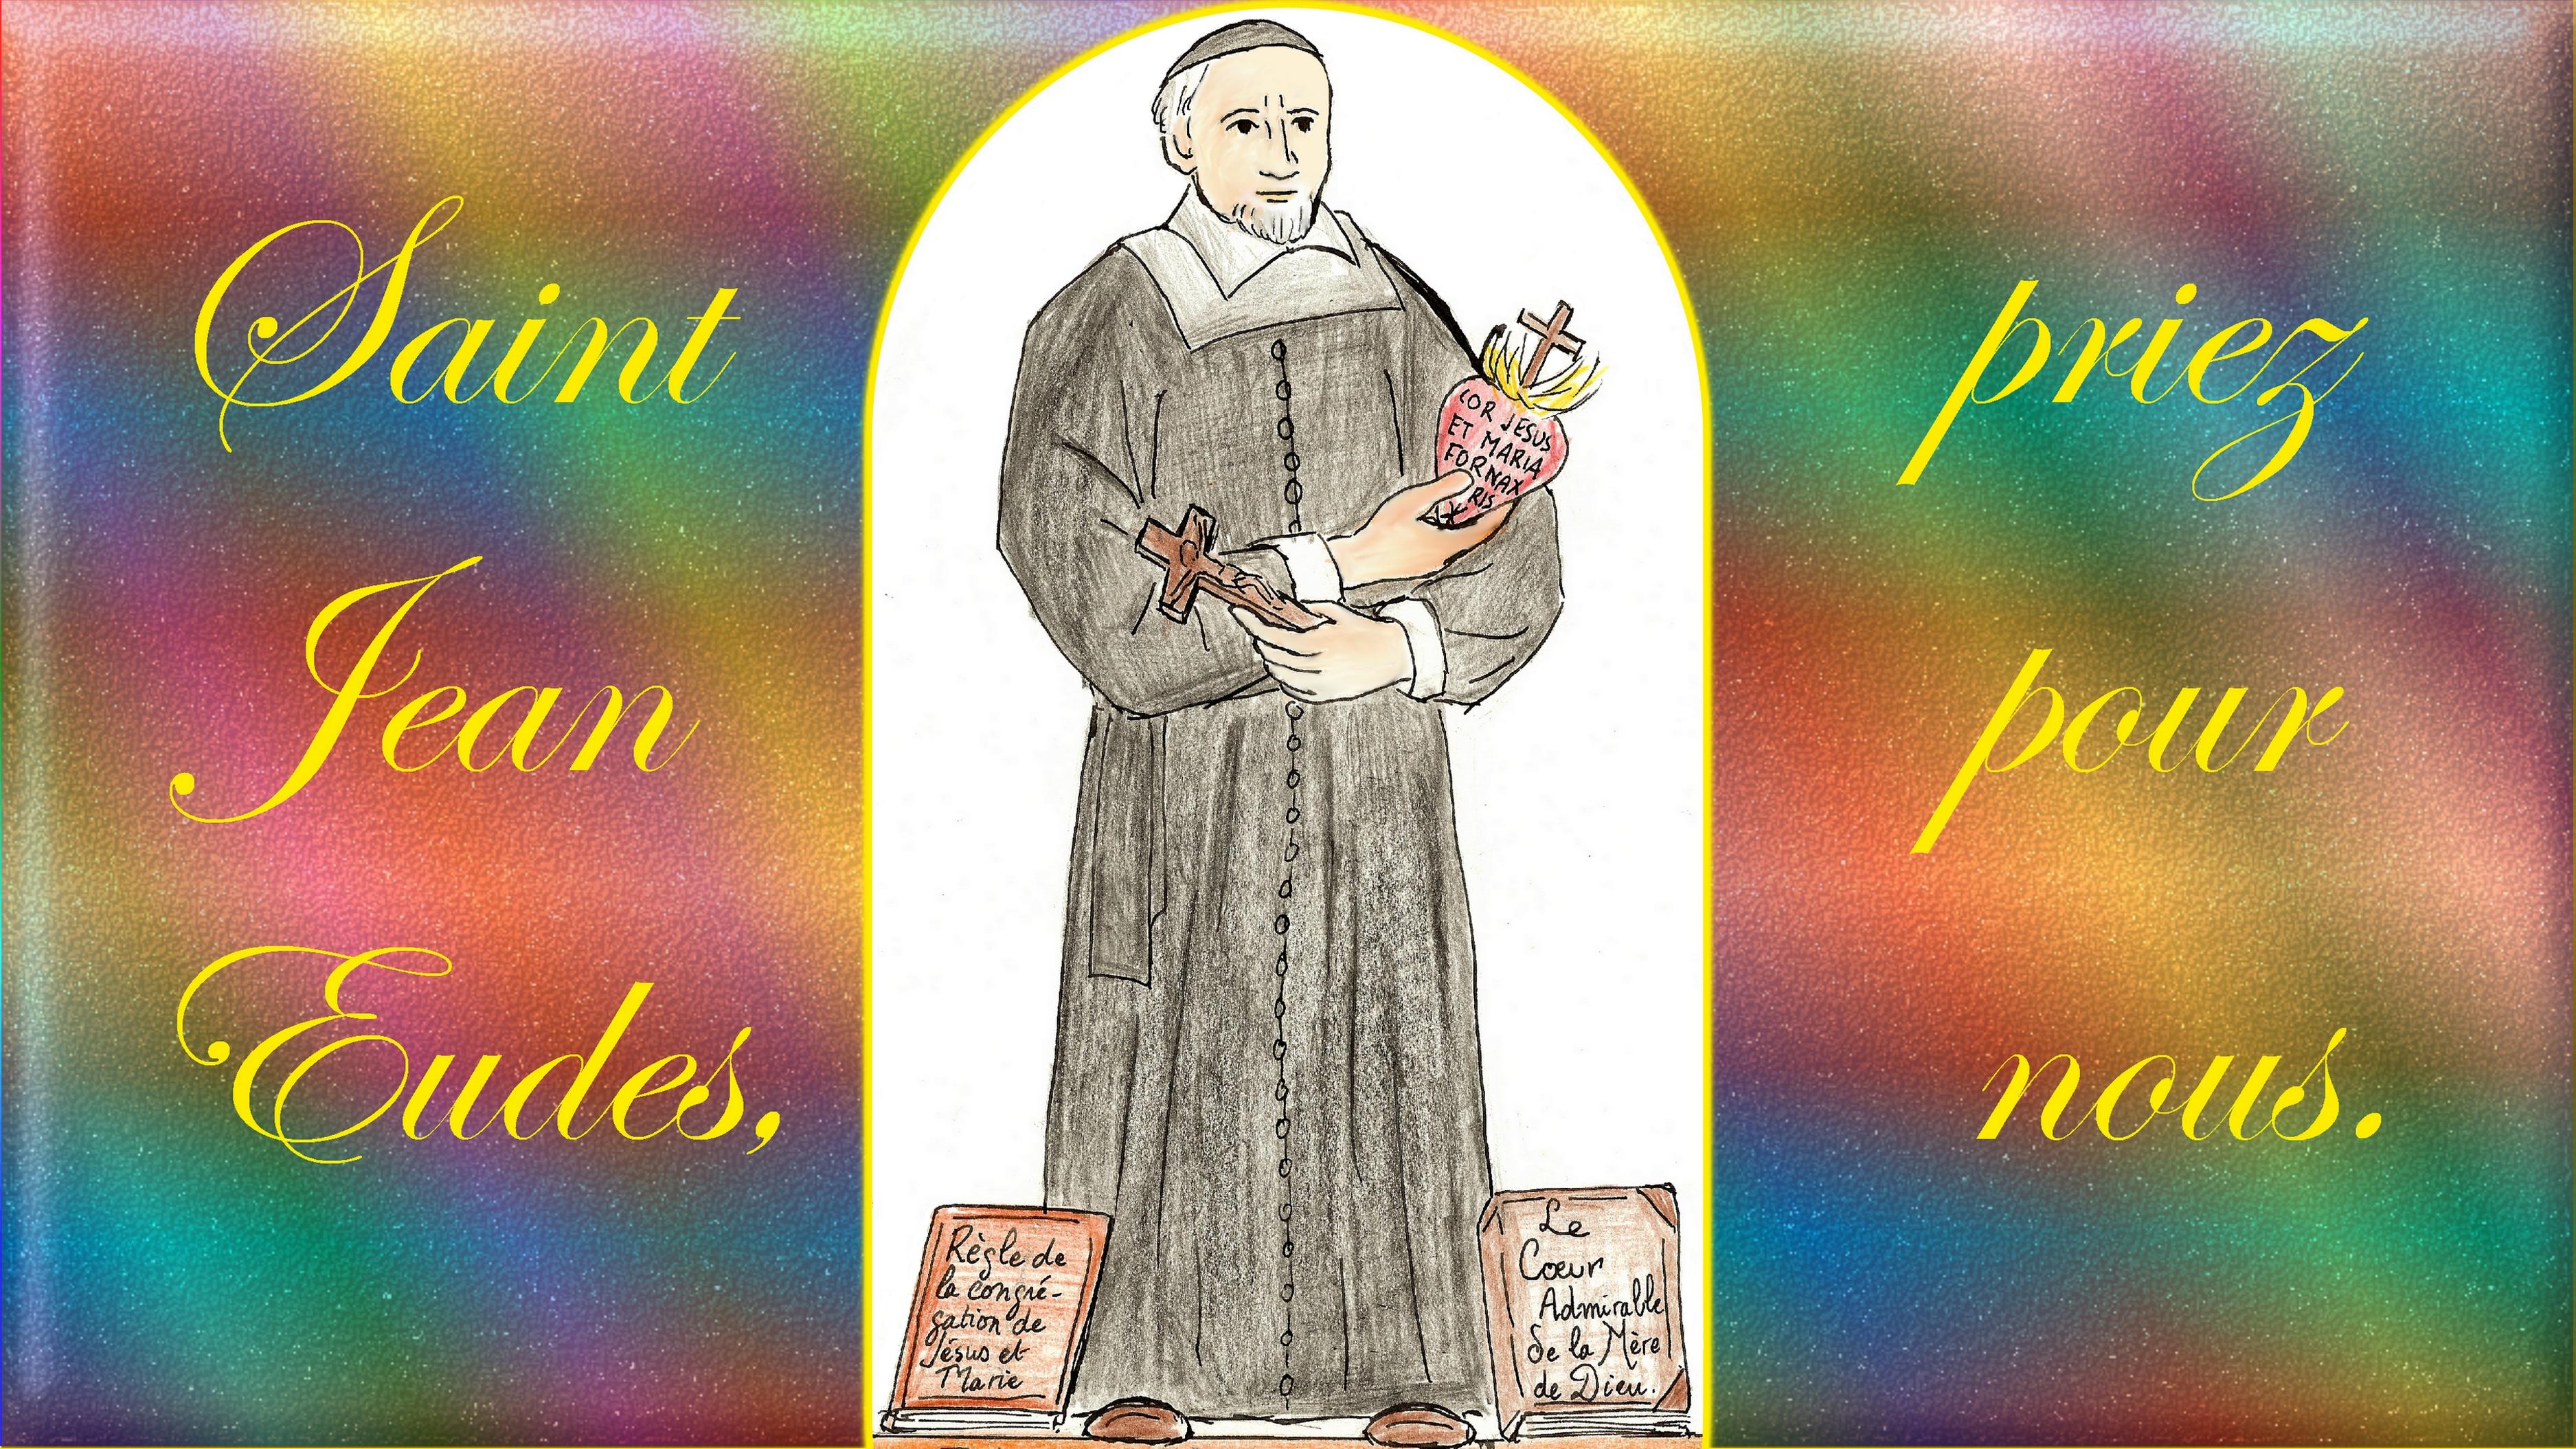 CALENDRIER CATHOLIQUE 2019 (Cantiques, Prières & Images) - Page 6 St-jean-eudes-567b255